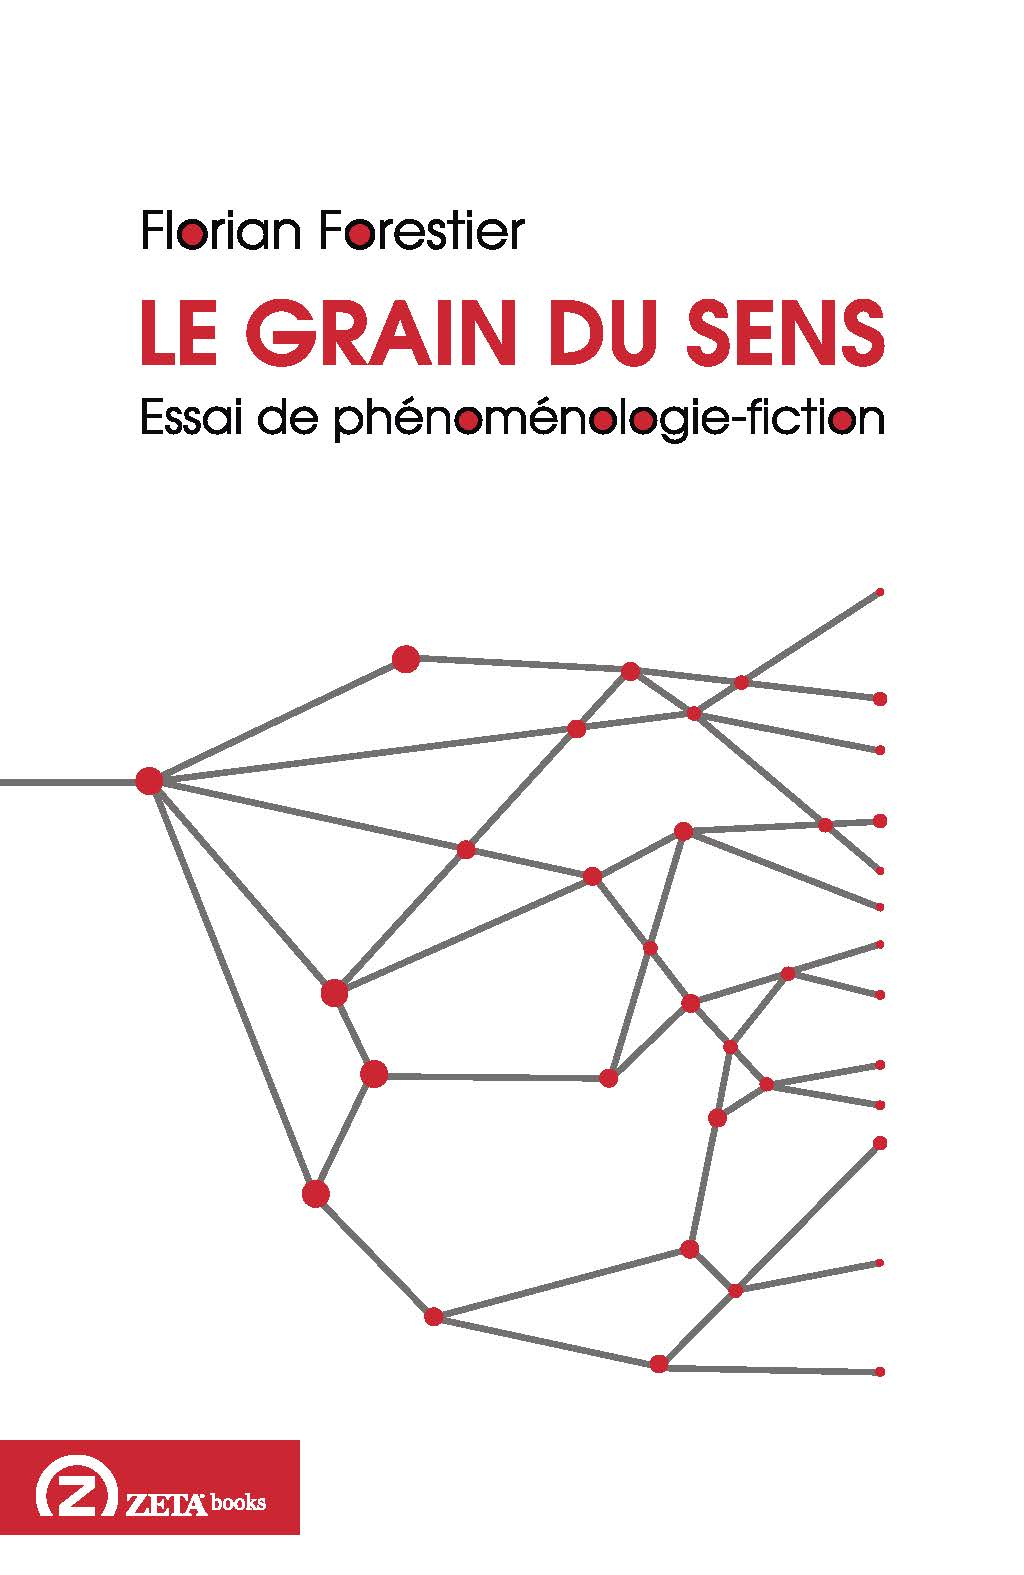 Le grain du sens. Essai de phénoménologie-fiction Book Cover